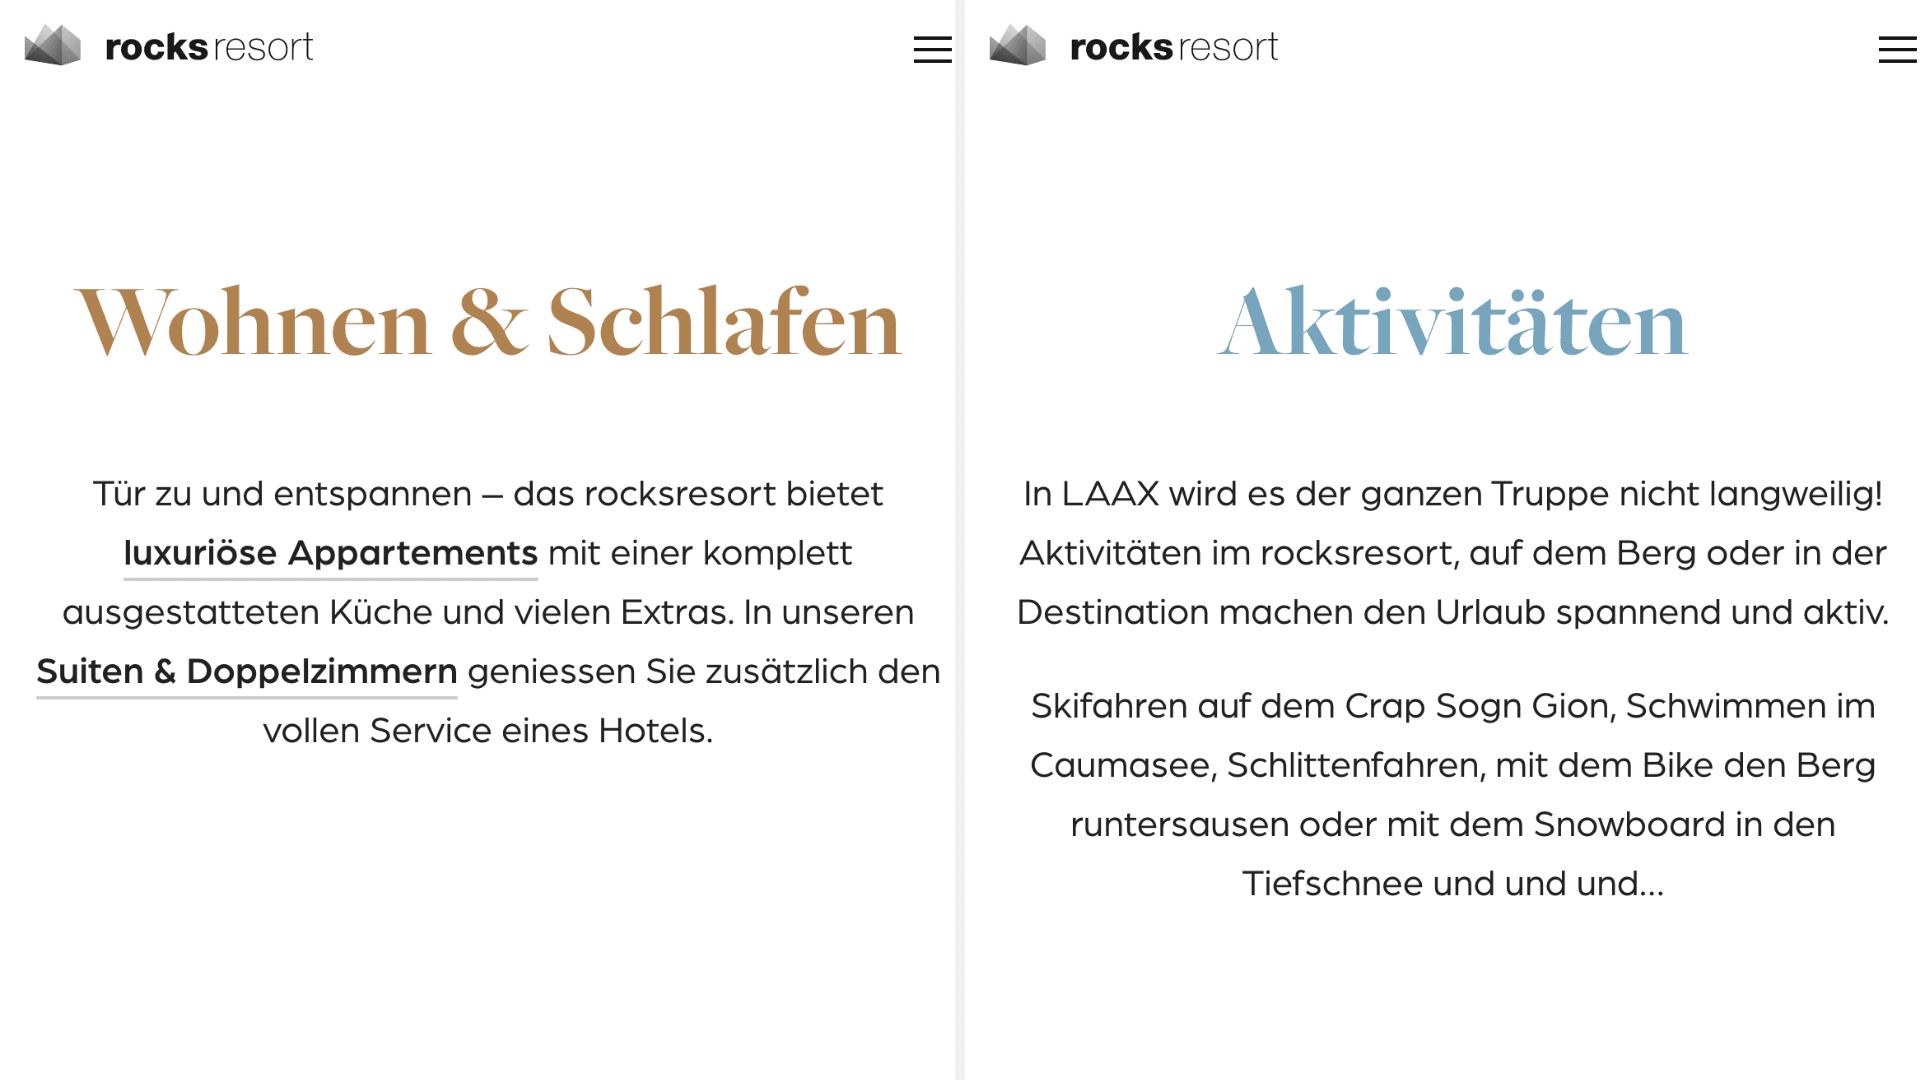 rocks resort als Beispiel für einfaches Design durch die Webdesign Agentur Redeleit und Junker